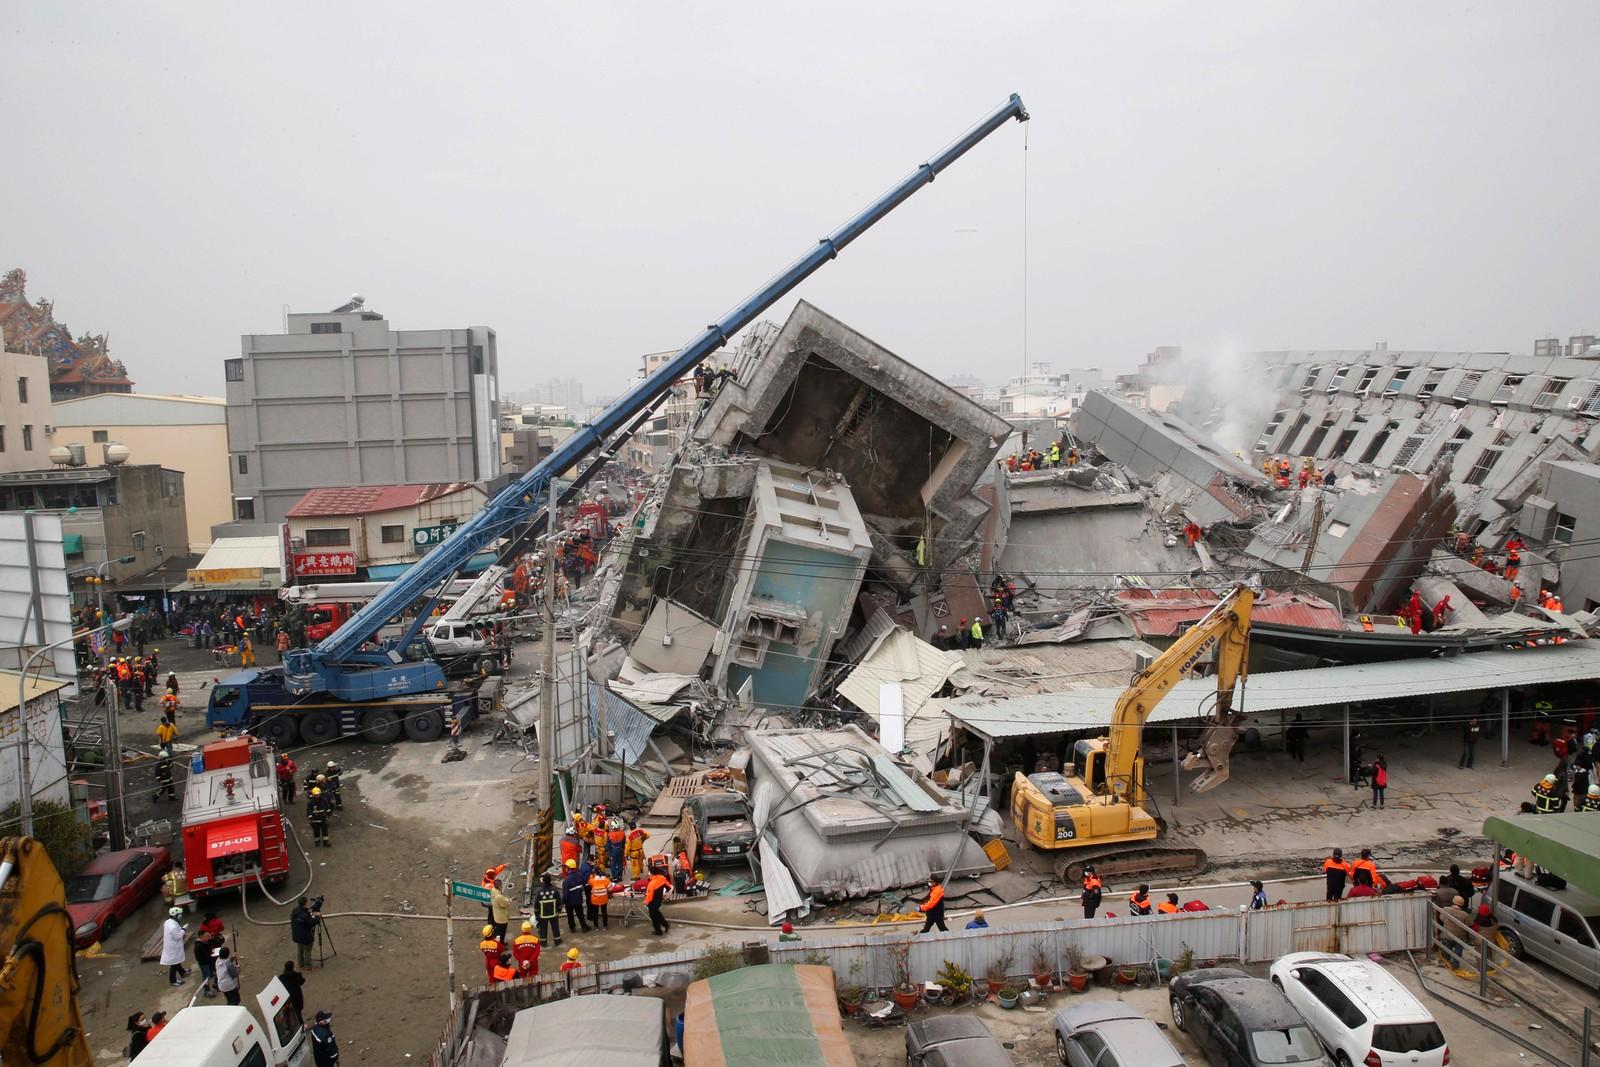 Skjelvet gjorde store ødeleggelser, og flere bygninger i byen Tainan kollapset